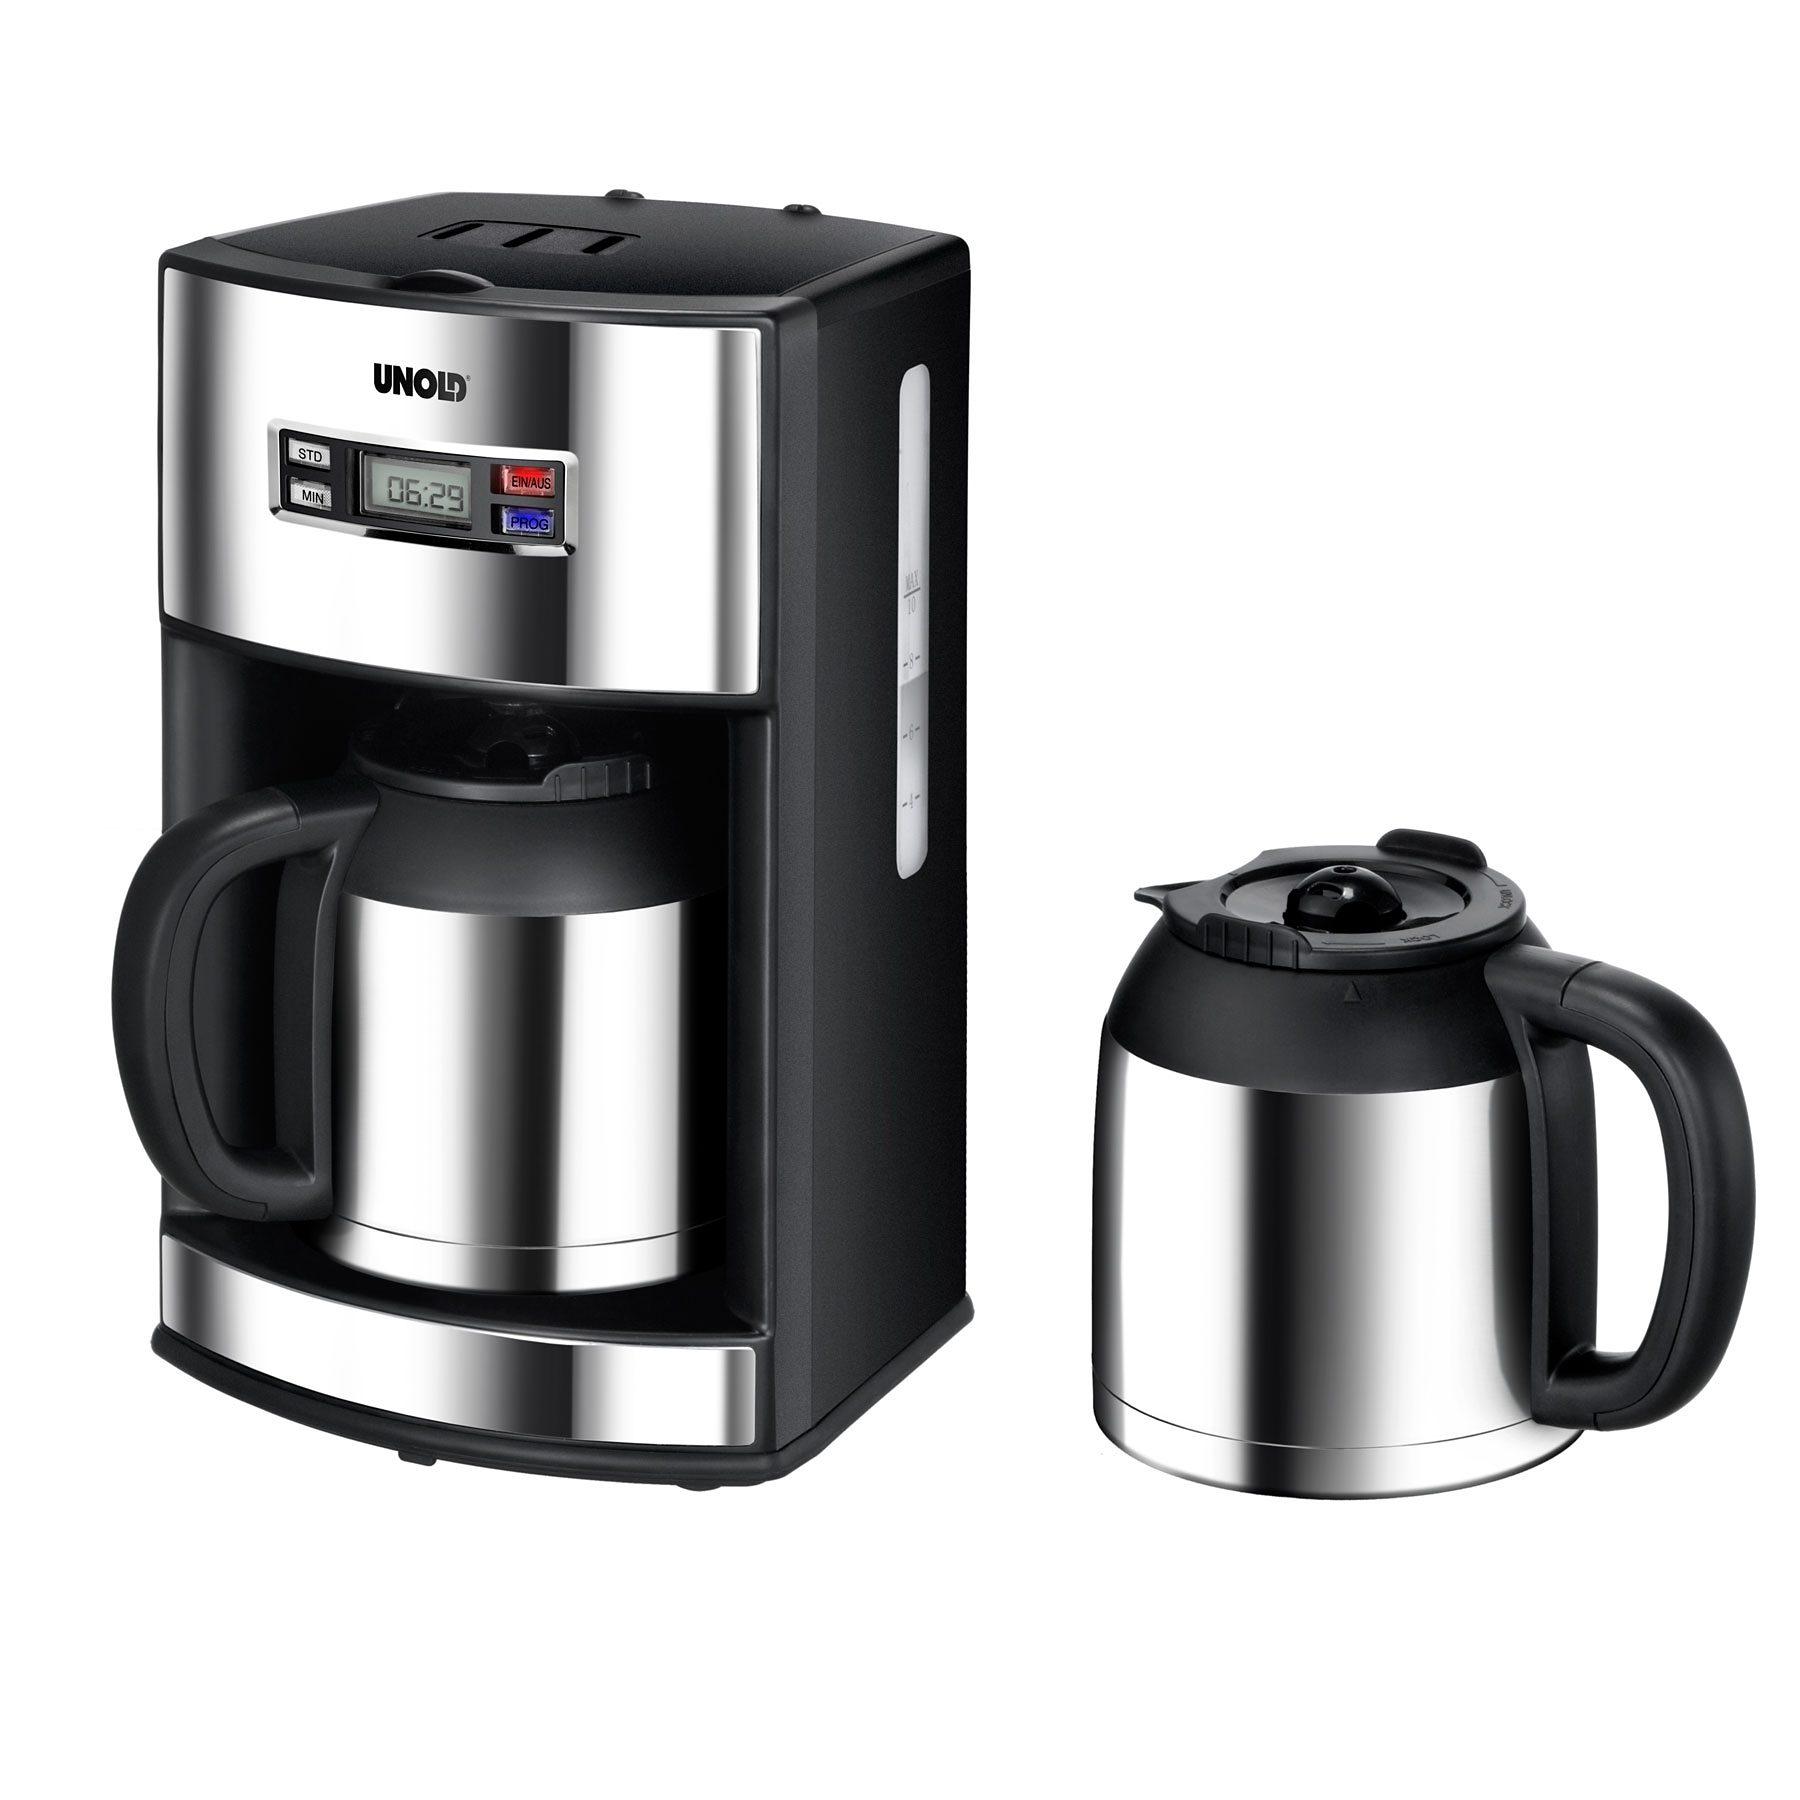 Unold Filterkaffeemaschine 28465 Digital, 1,2l Kaffeekanne, Permanentfilter 1x4, Zusätzlich zweite Warmhaltekanne